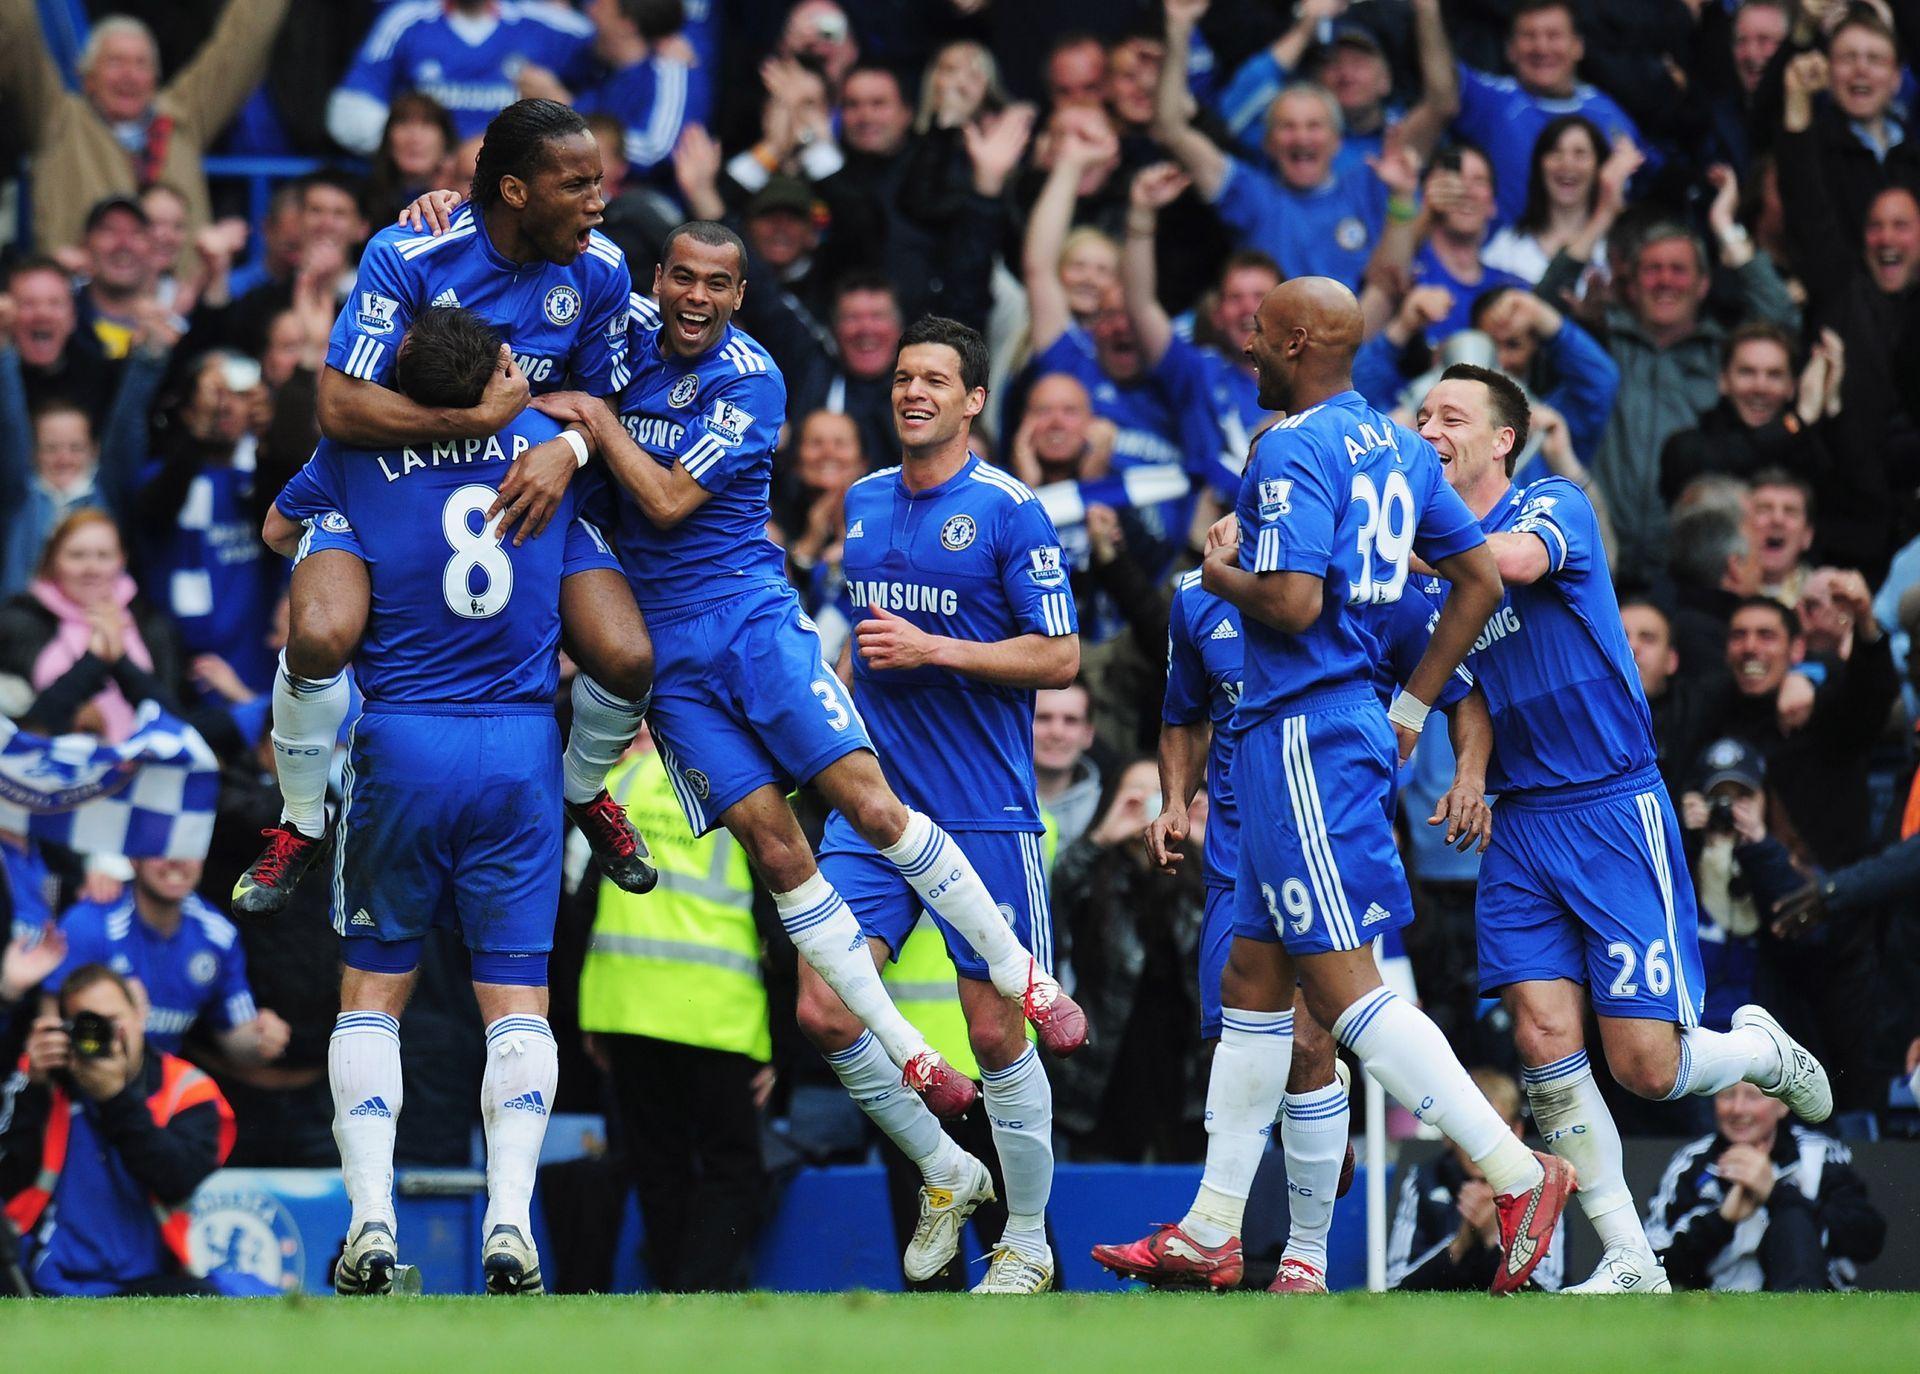 2010 г. - Челси е безпощаден - 8:0 срещу гостуващия Уигън в последния ден и никакъв шанс за преследвача Юнайтед